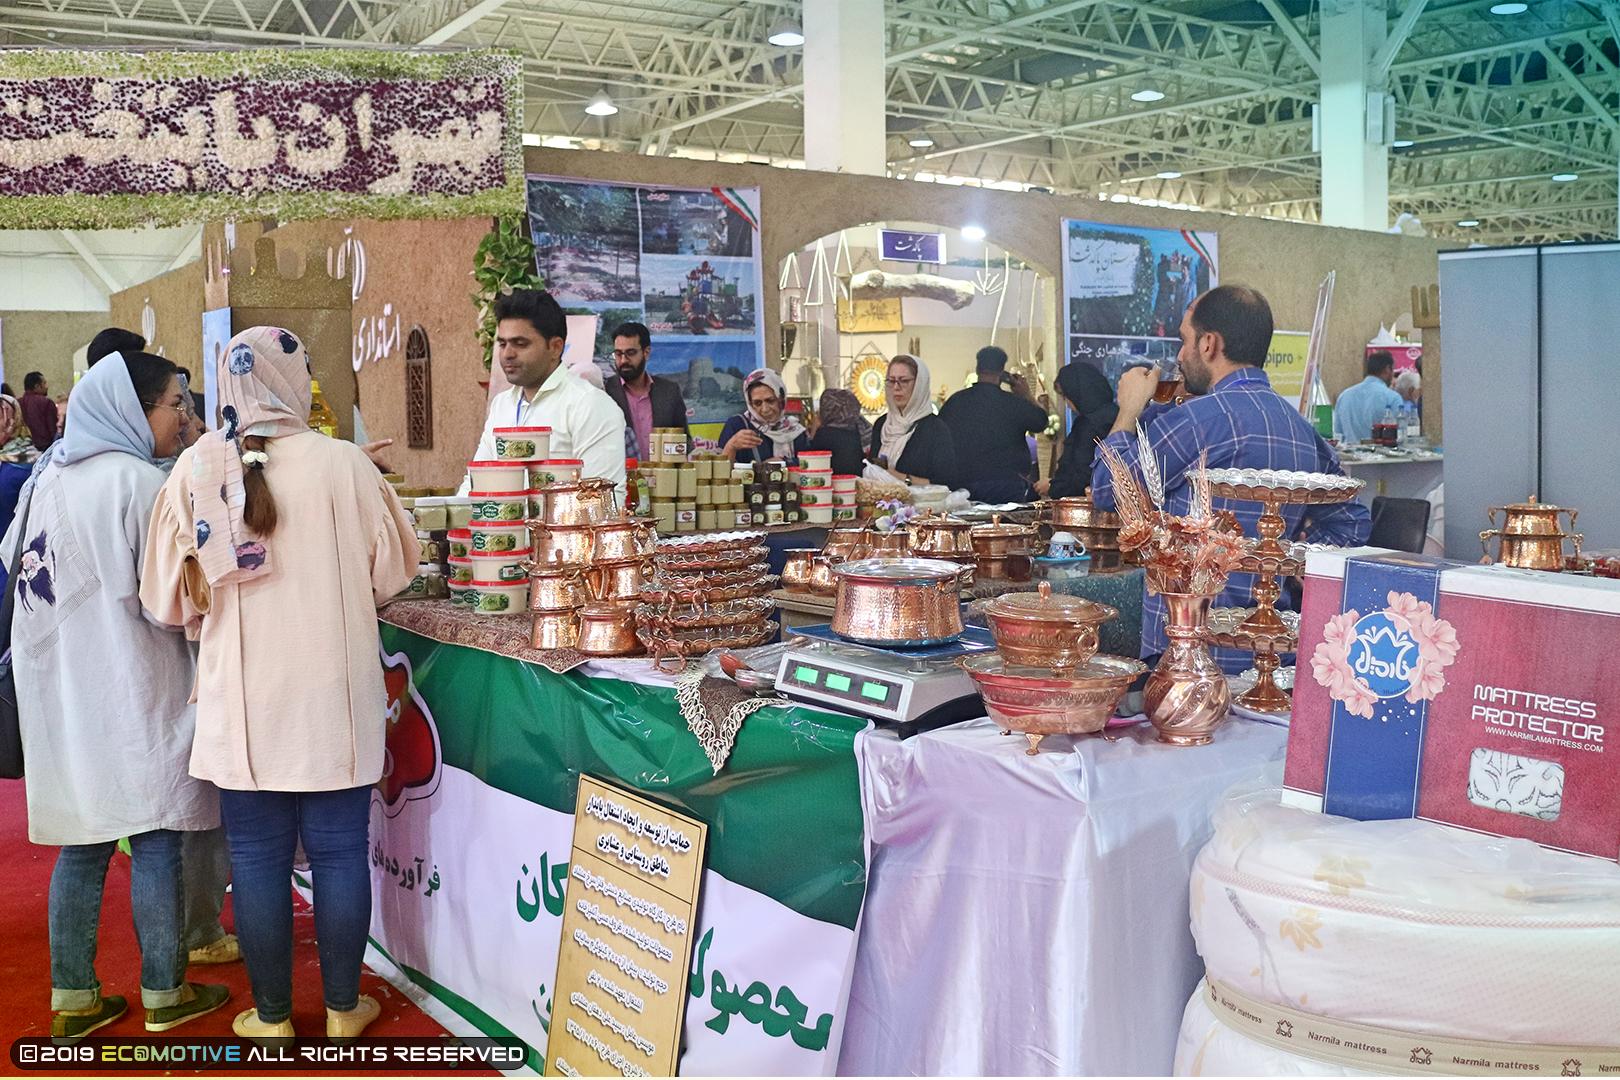 غرفه های صنایع دستی در نمایشگاه توانمندیهای روستاییان و عشایر